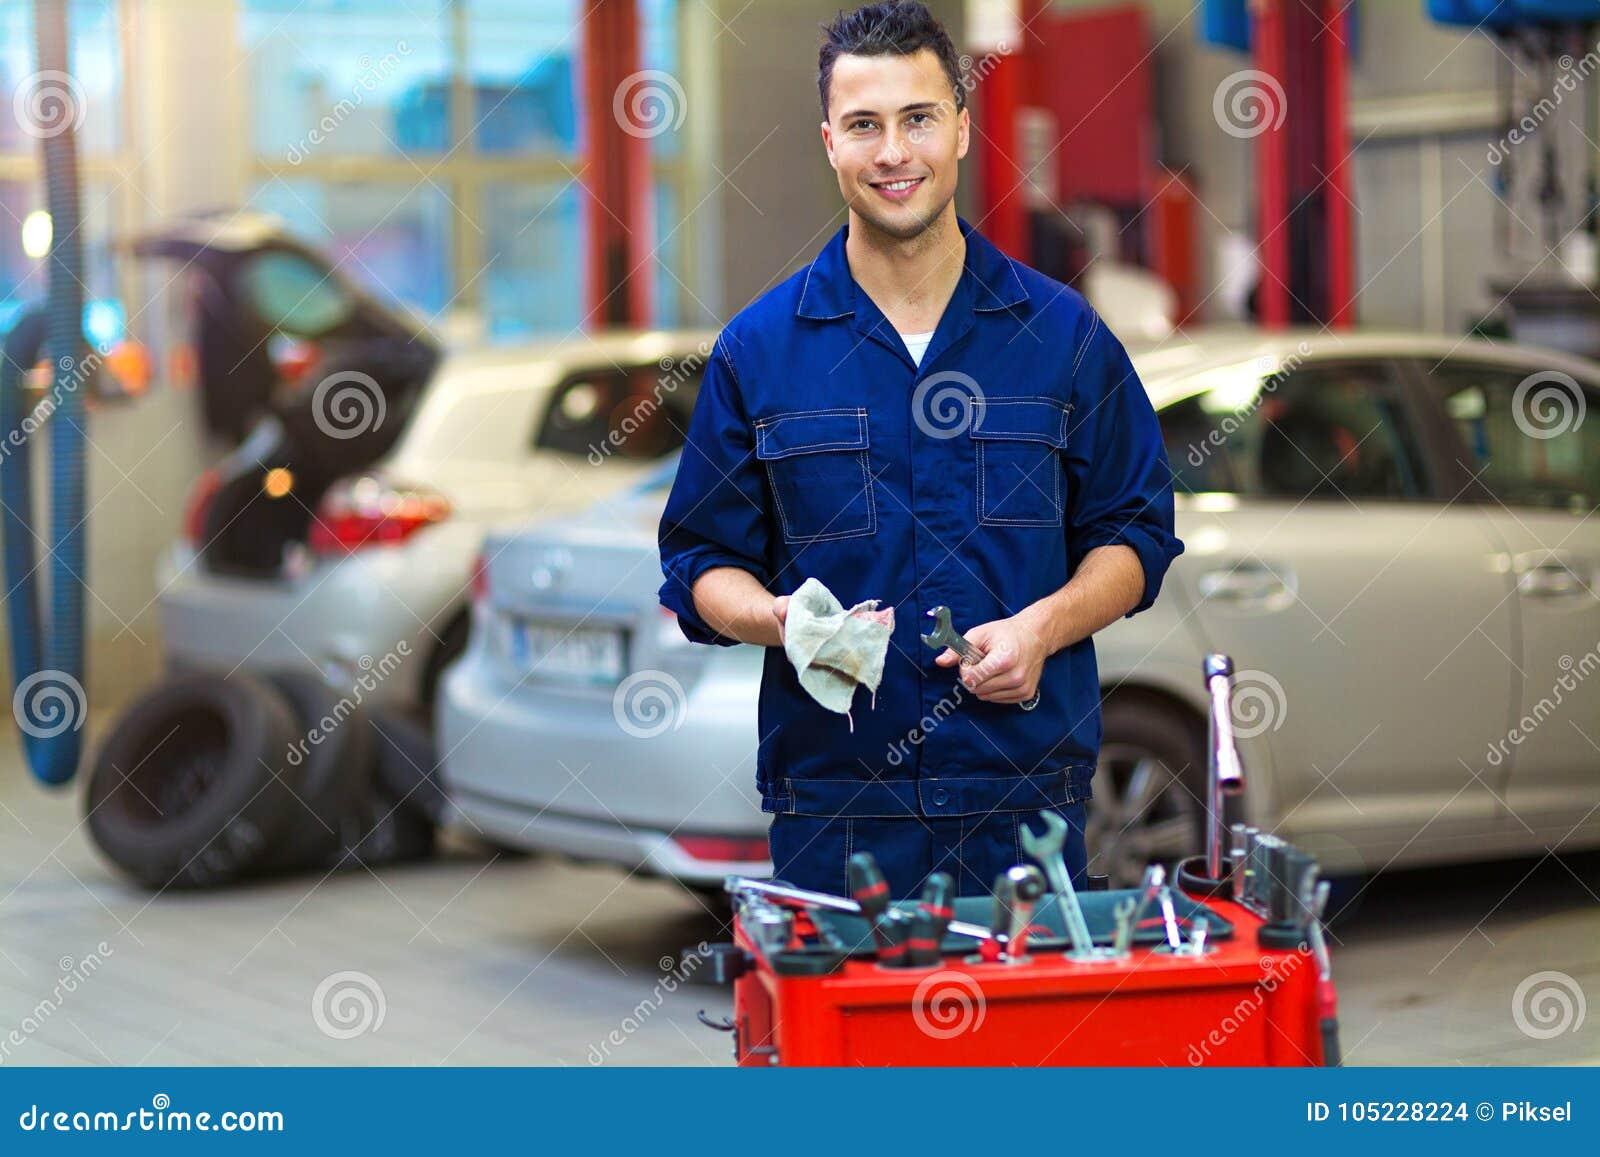 Mecânico de carro na loja de reparação de automóveis